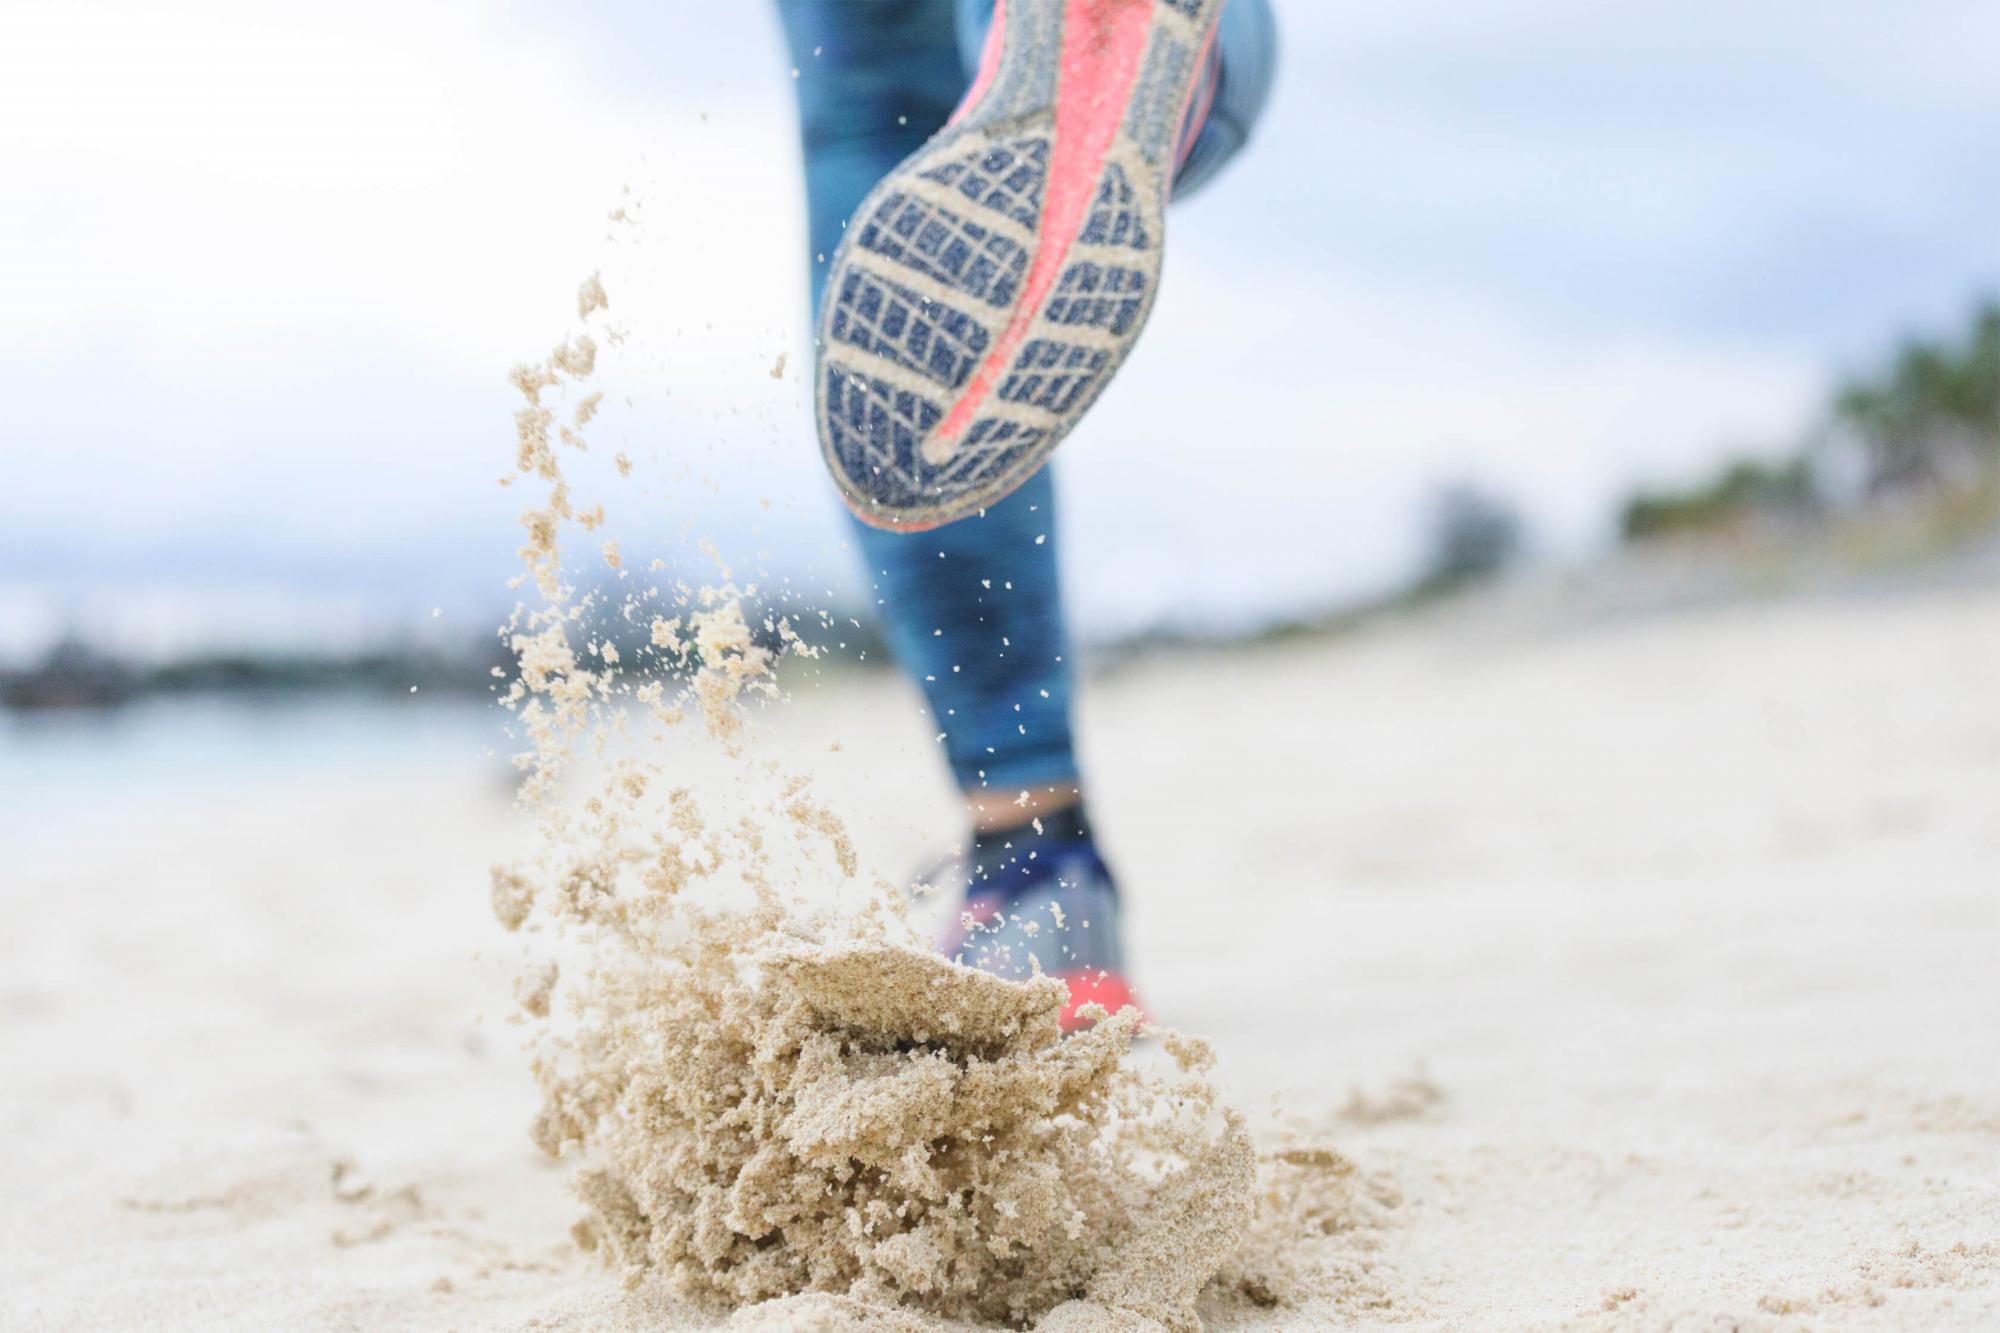 se sale a correr antes o despues de desayunar